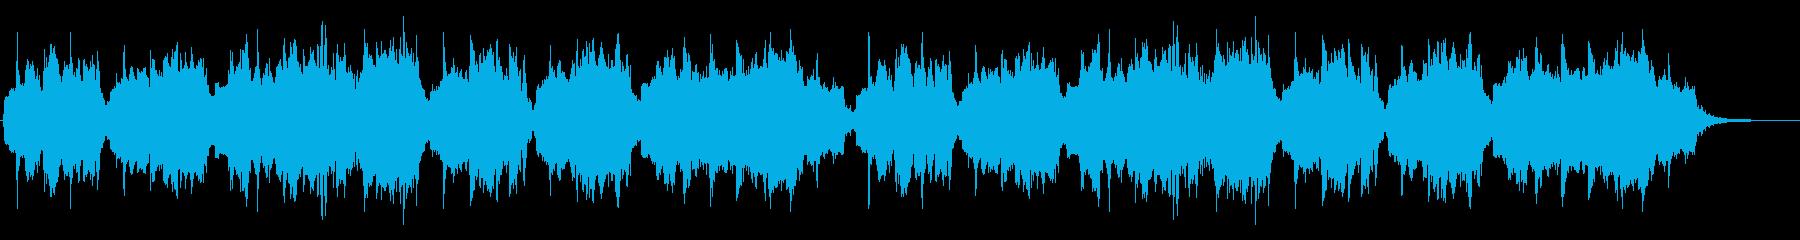 黄昏のクラリネットの再生済みの波形